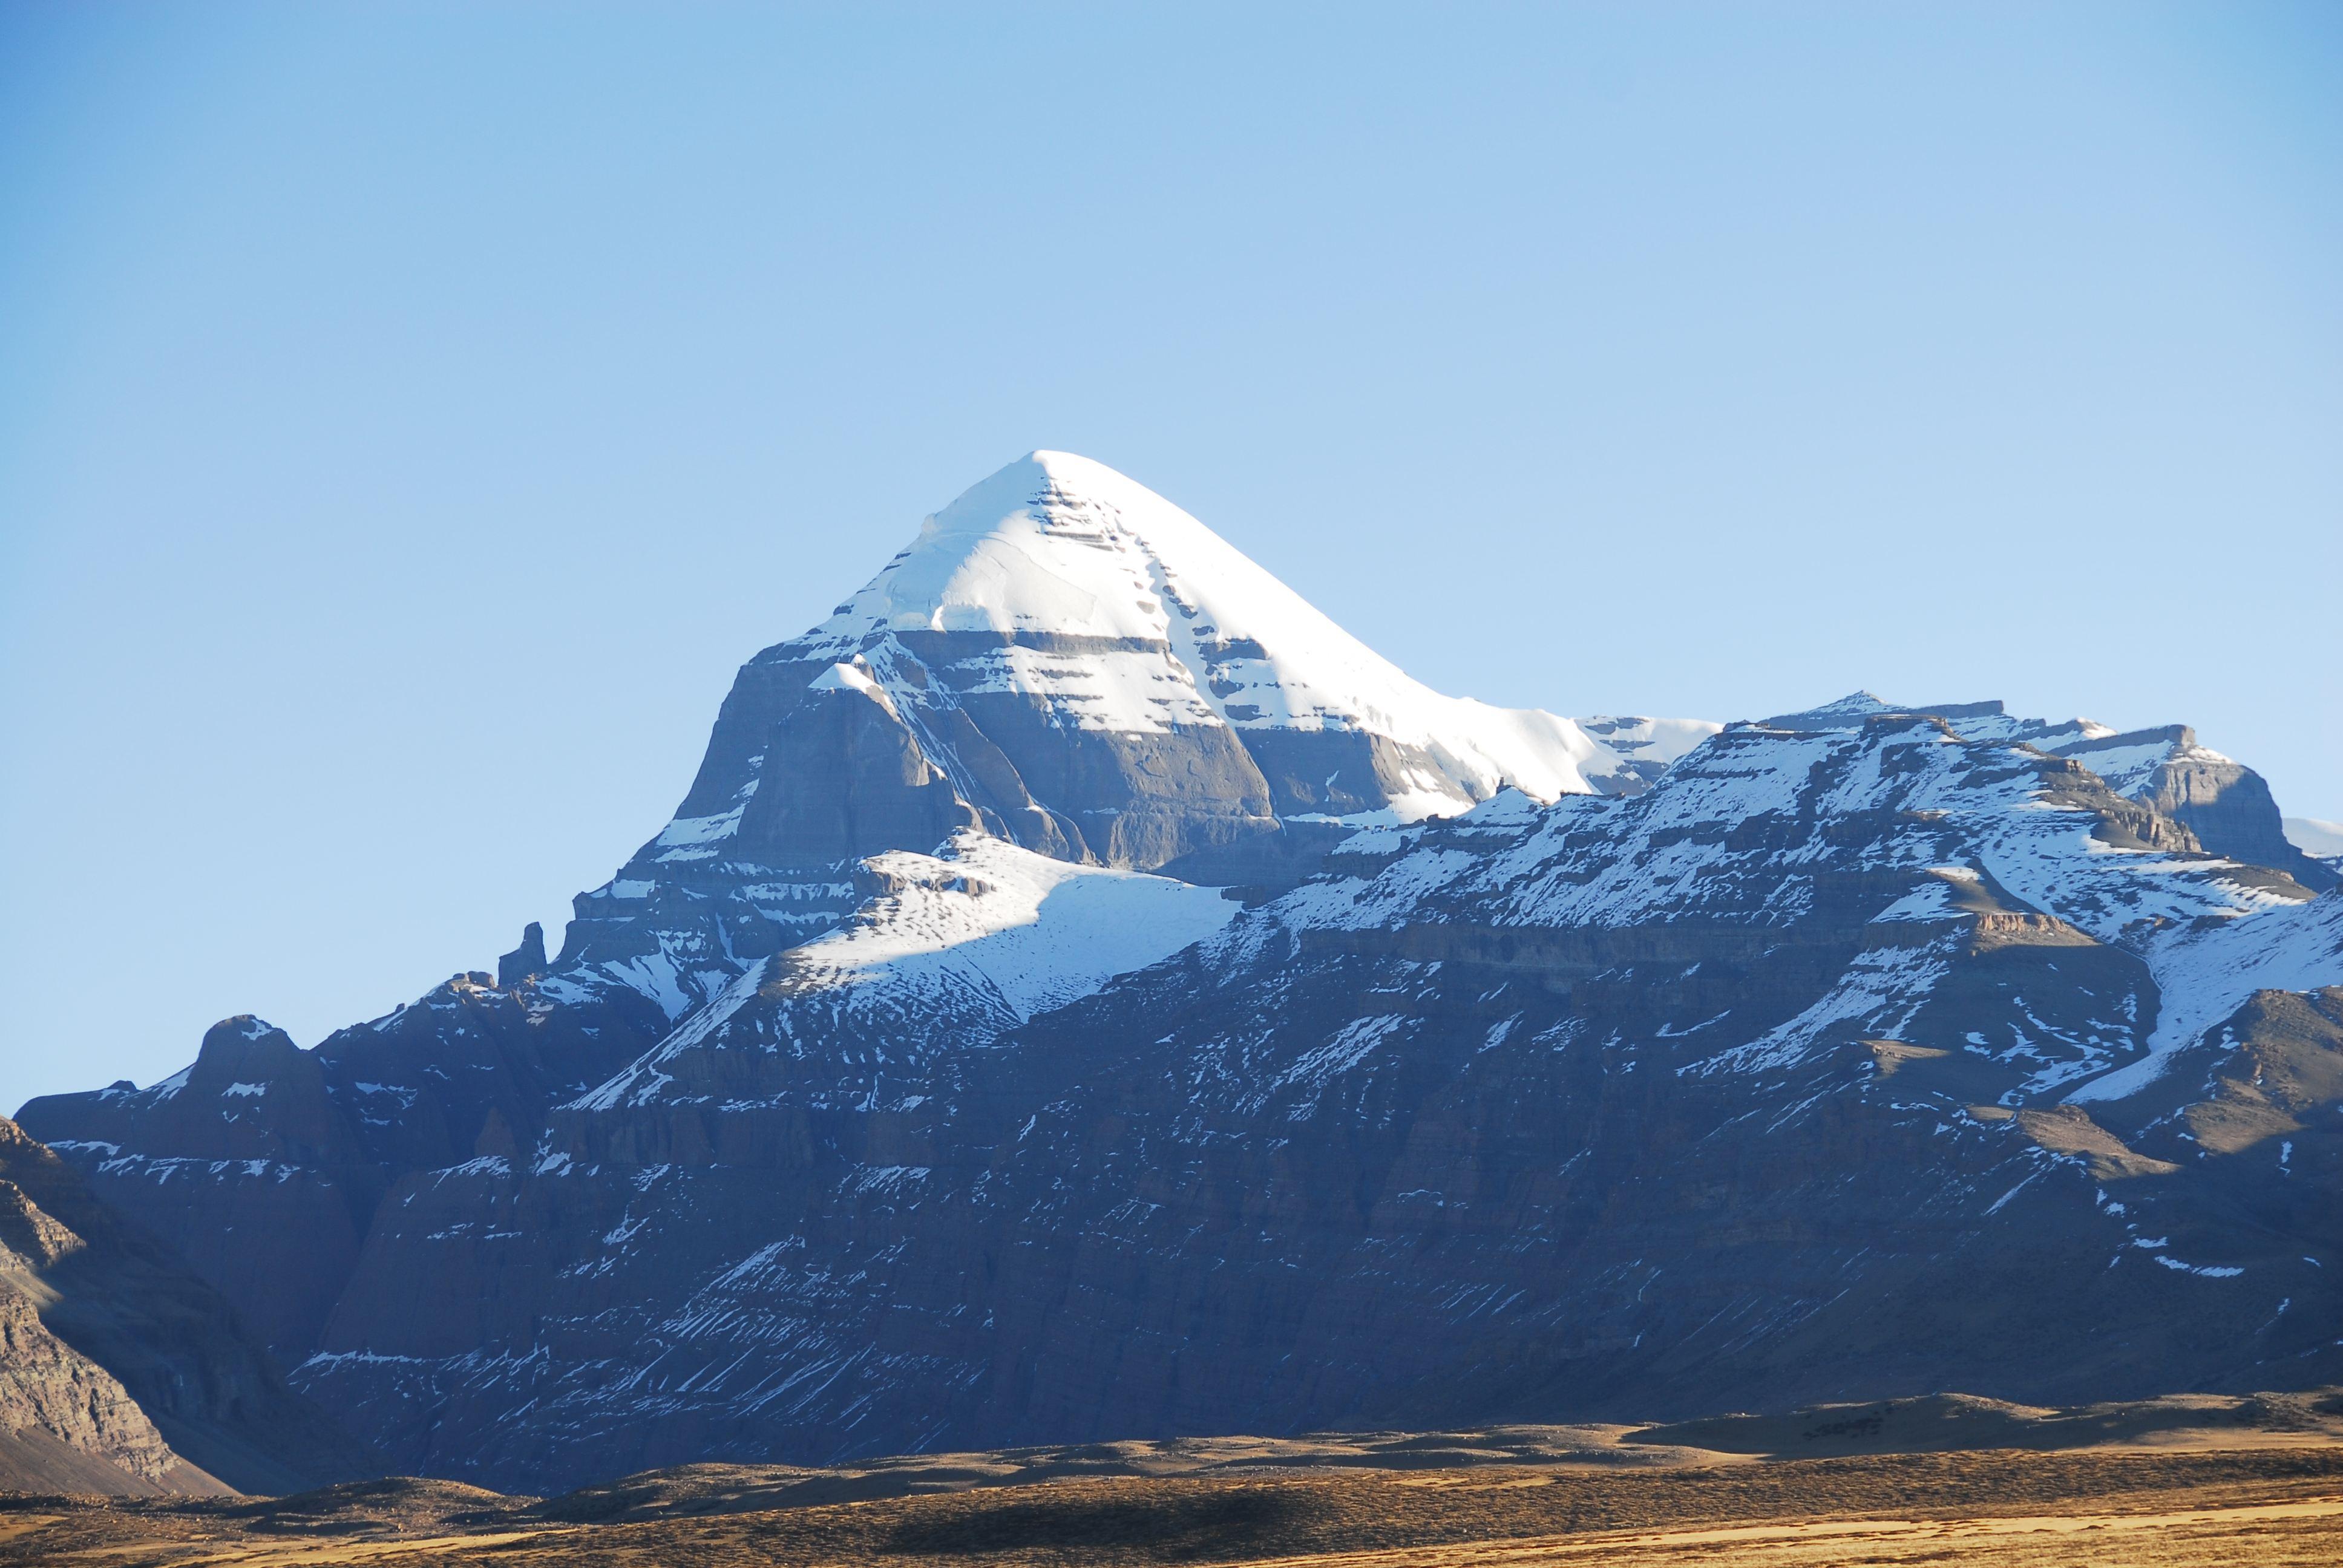 解读藏区各神山